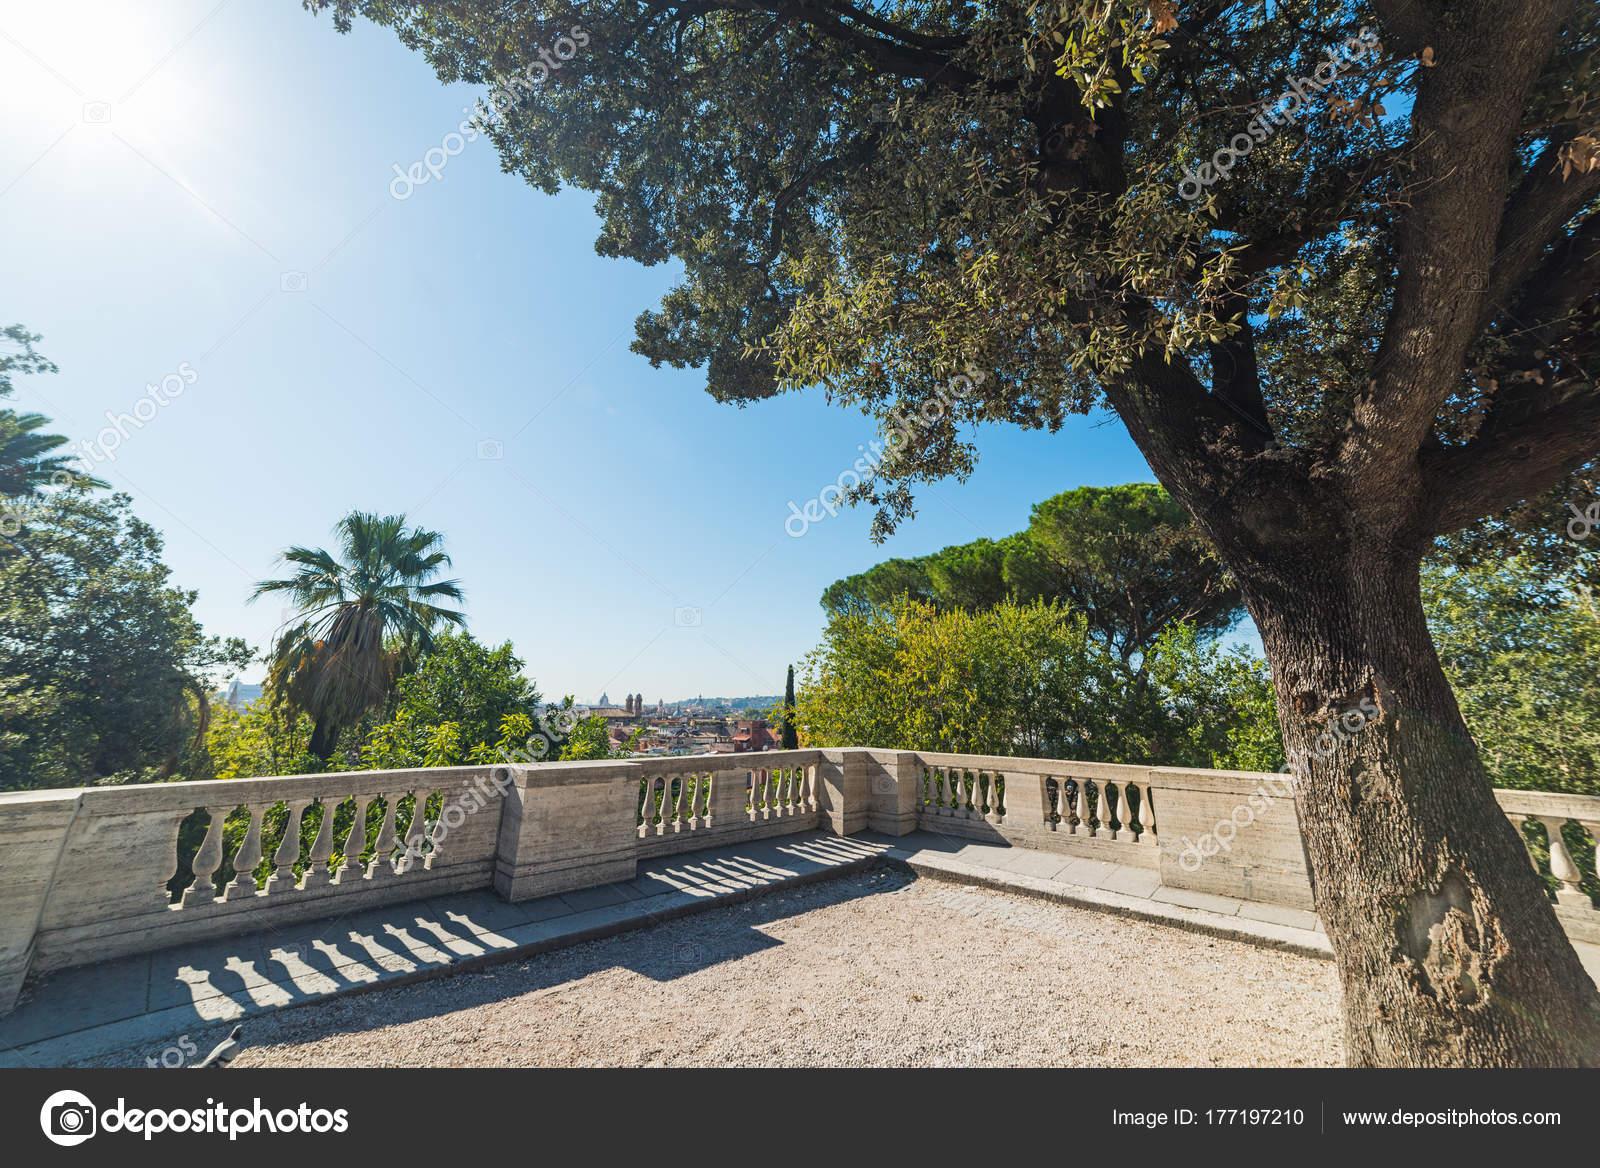 Terrazza del Pincio on a sunny day — Stock Photo © AlKan32 #177197210